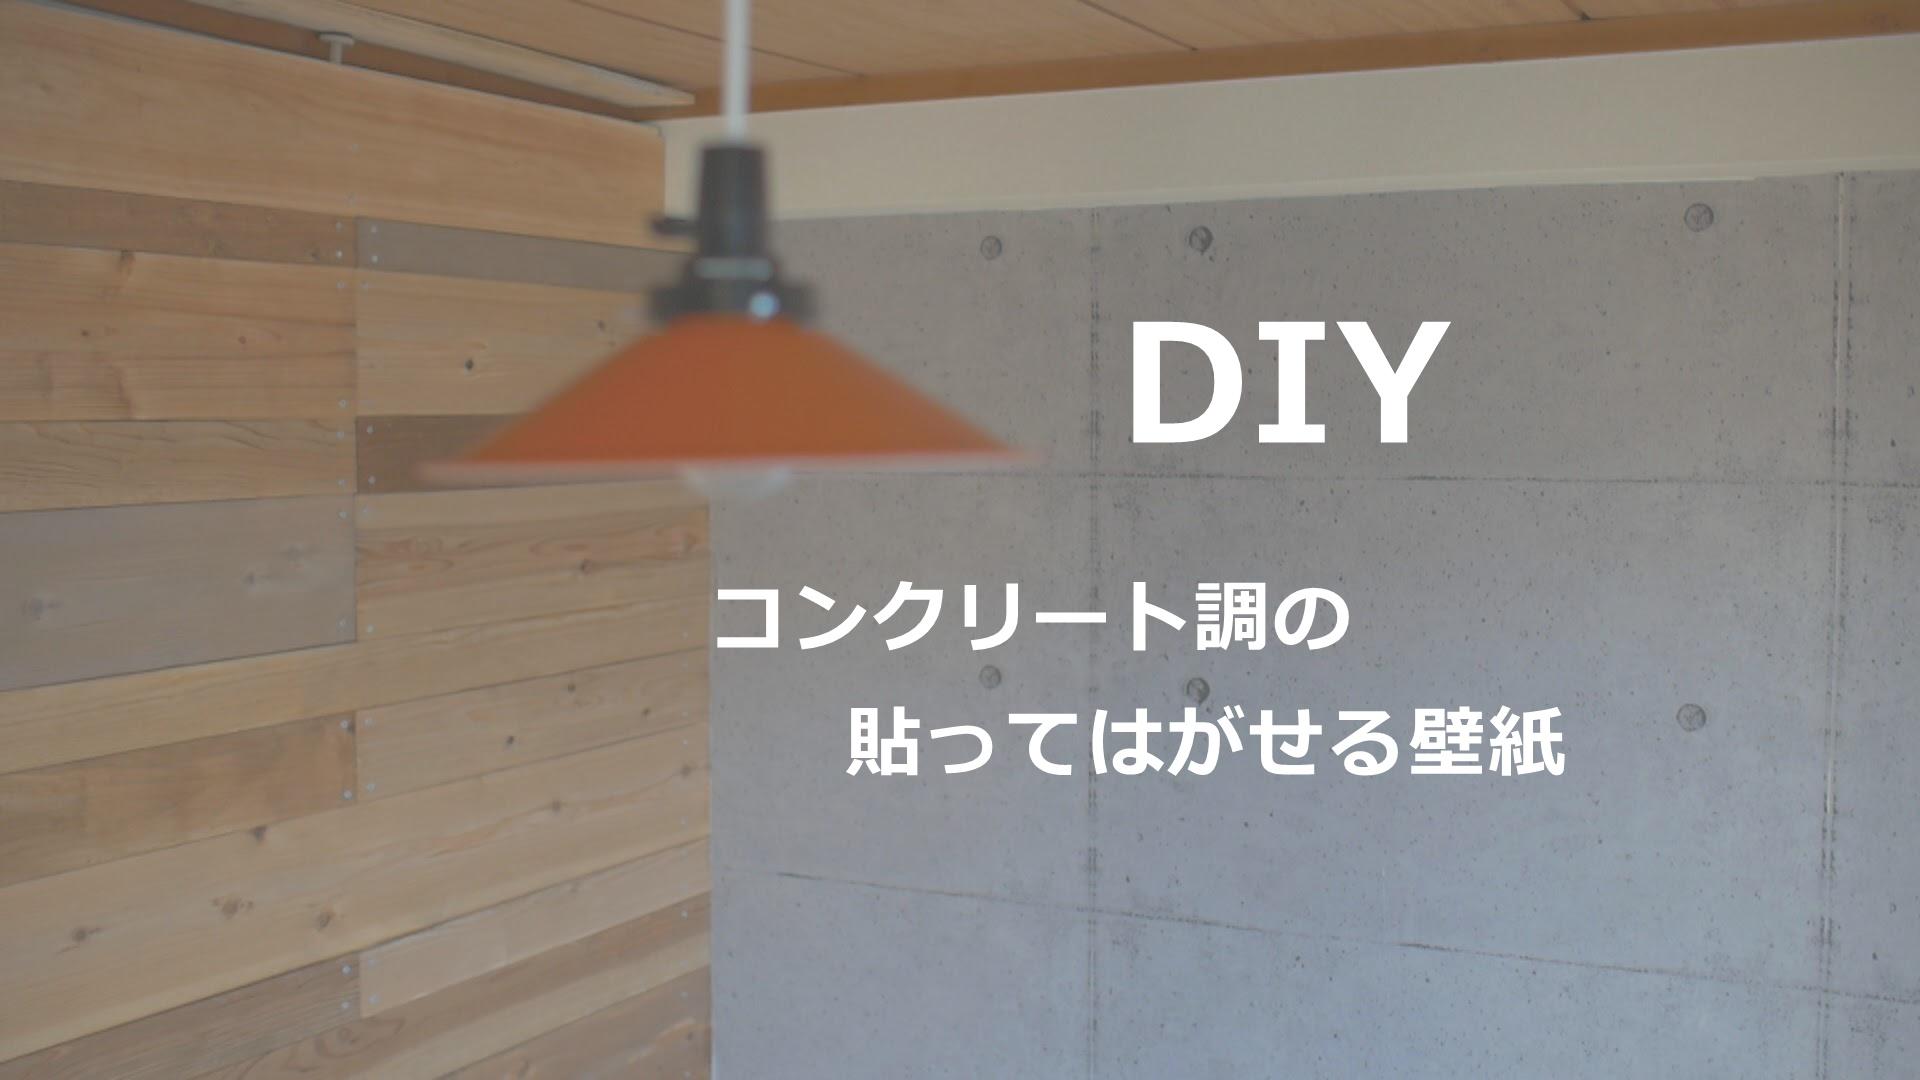 壁紙用生のりとコンクリート調の貼ってはがせる壁紙で賃貸壁をおしゃれに Diy Switch